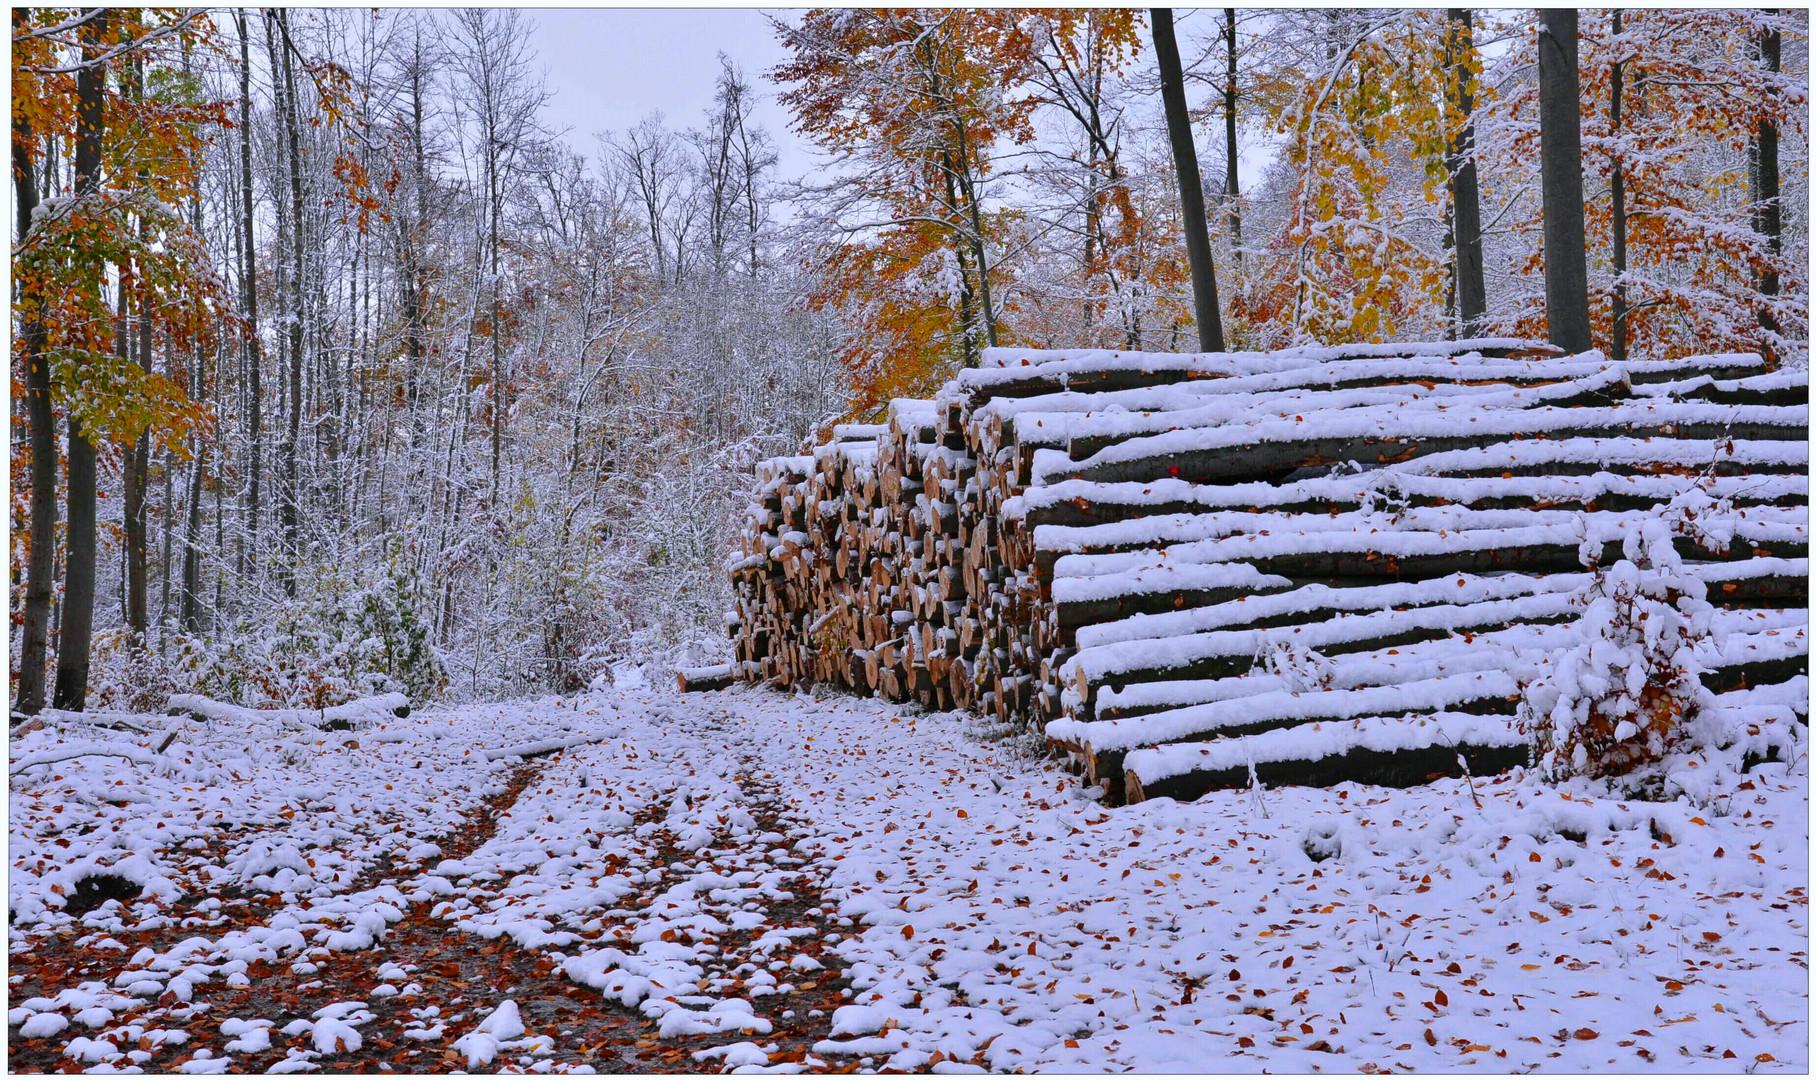 el invierno ya ha llegado (der Winter hat begonnen)